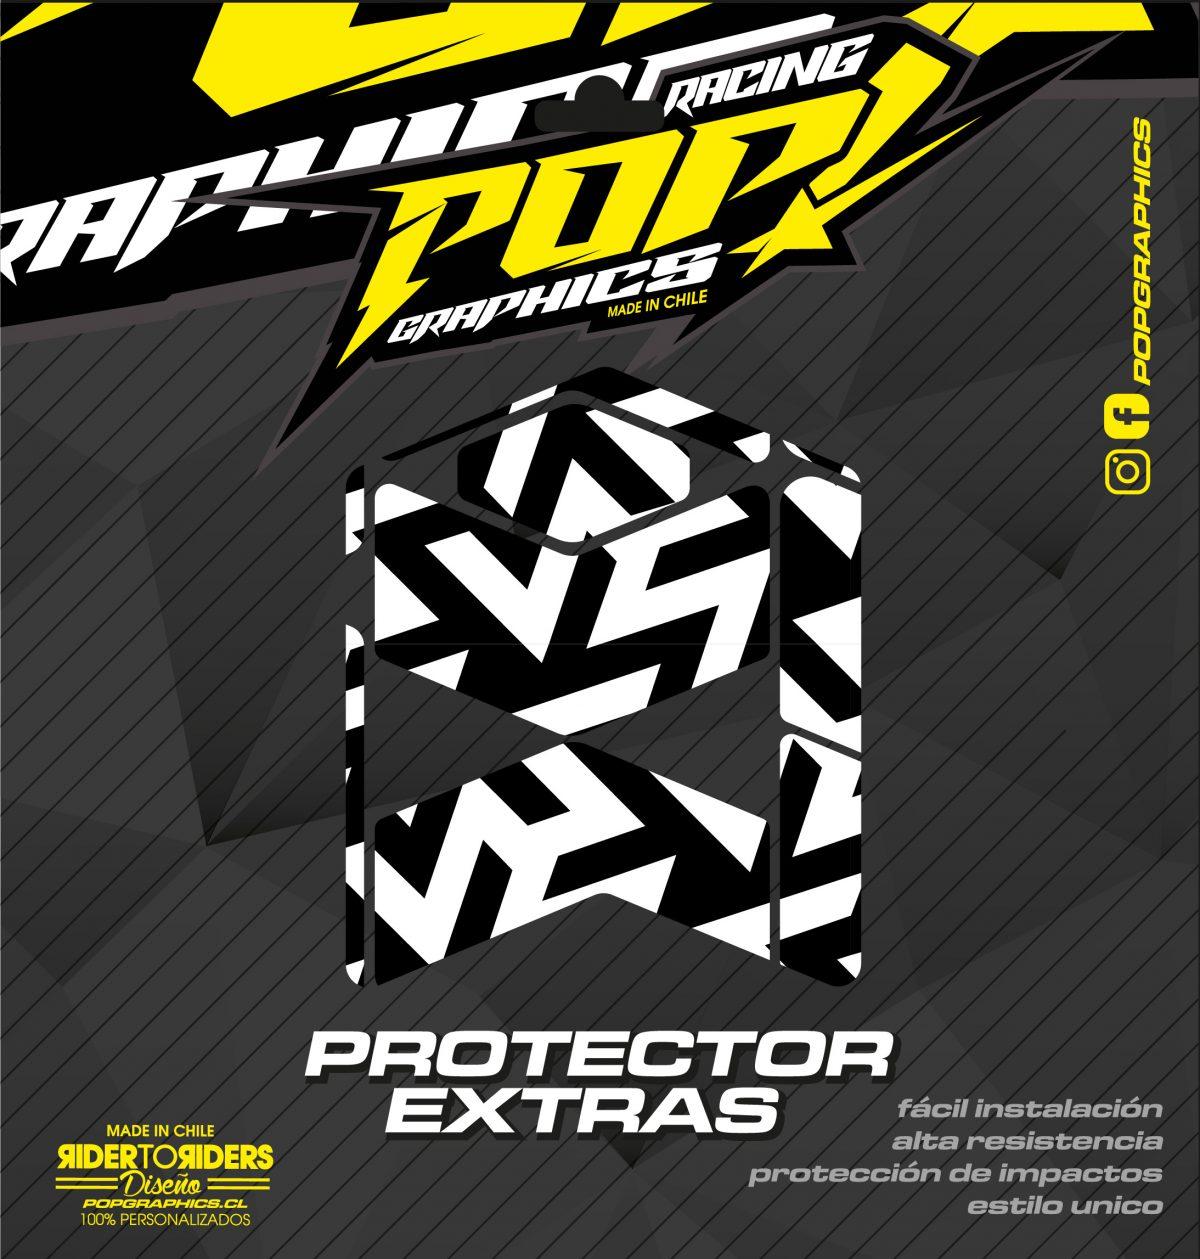 Protector extra transparente formas